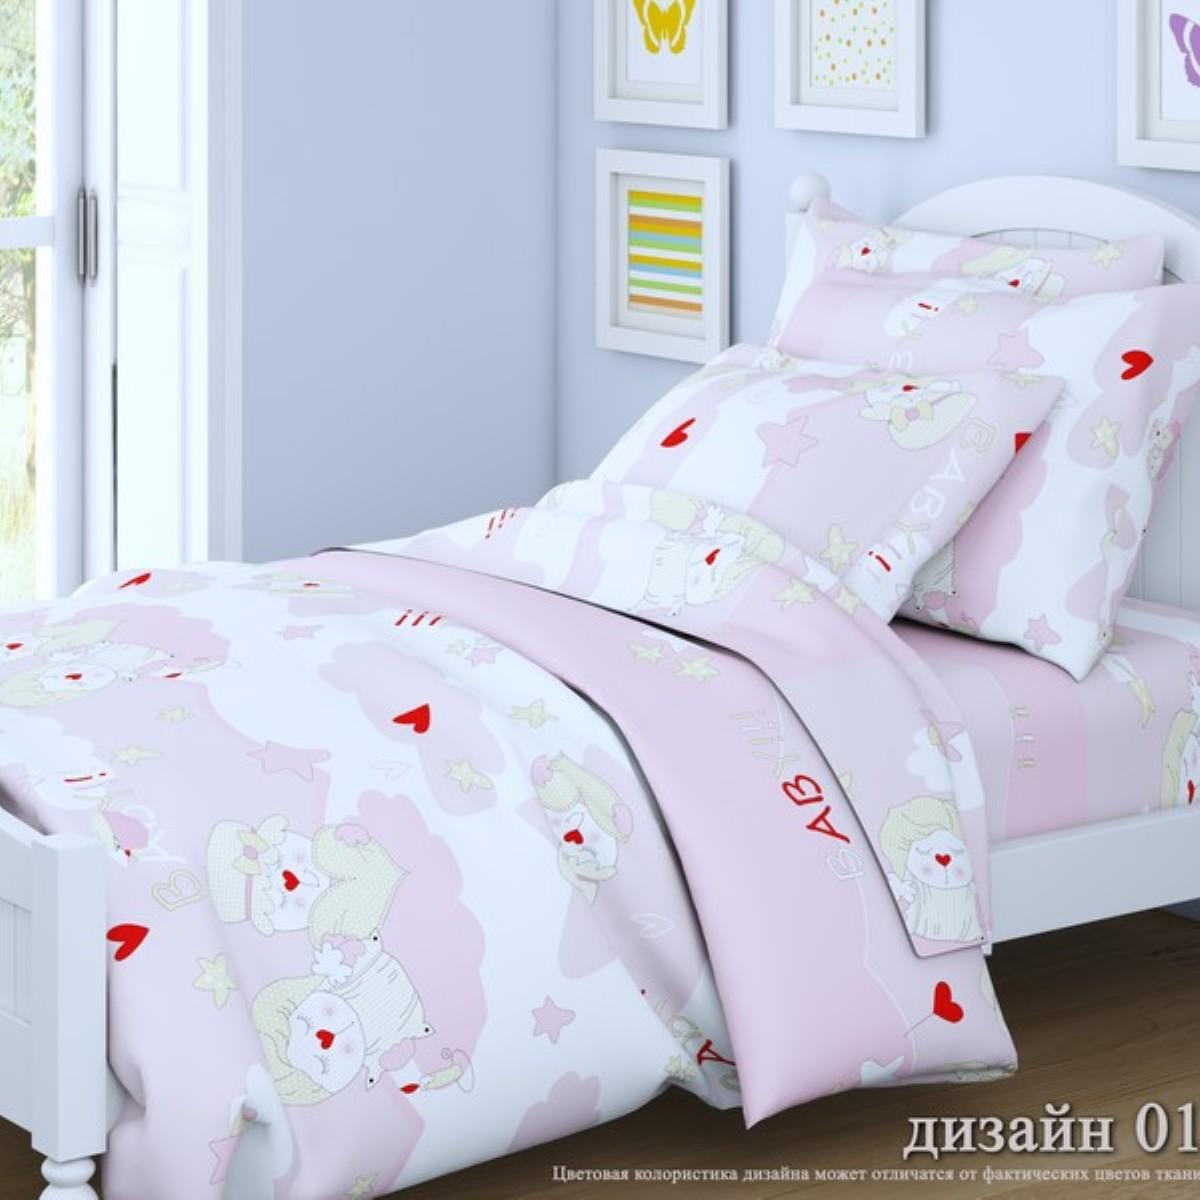 """Комплект белья детский Letto """"Звездочет"""", 1,5-спальный, наволочки 50x70, цвет: розовый"""